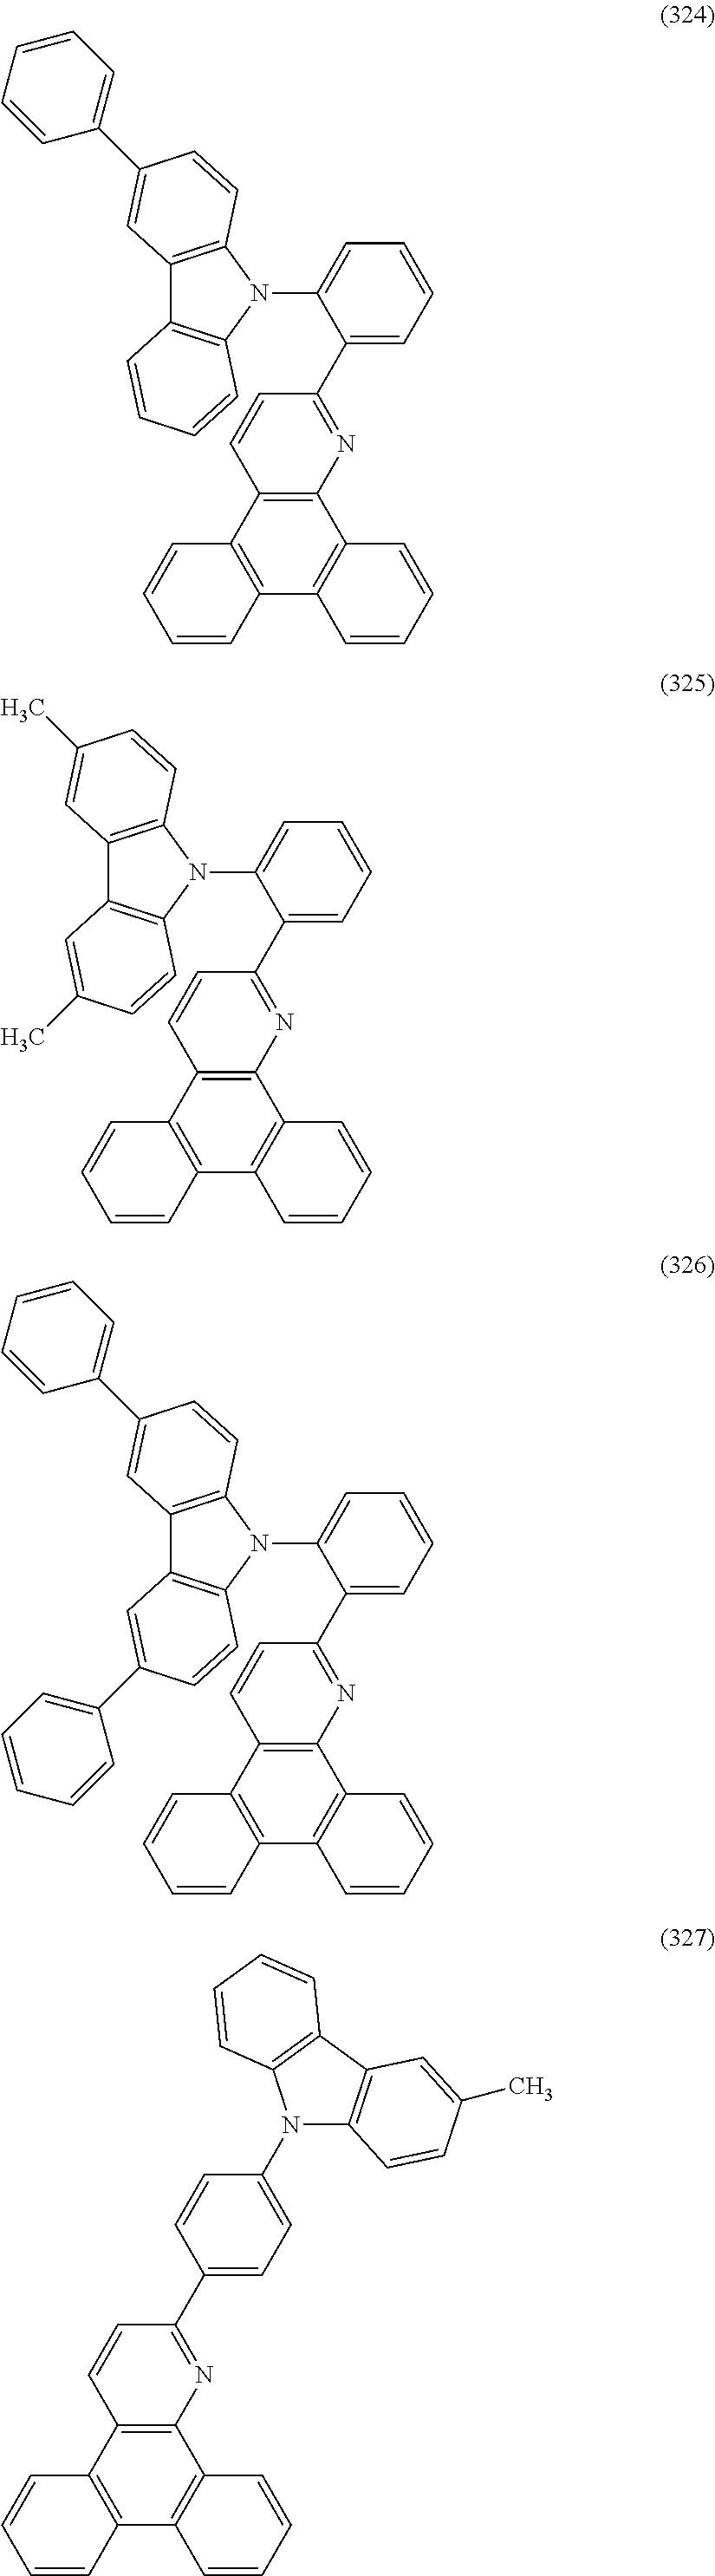 Figure US09843000-20171212-C00058